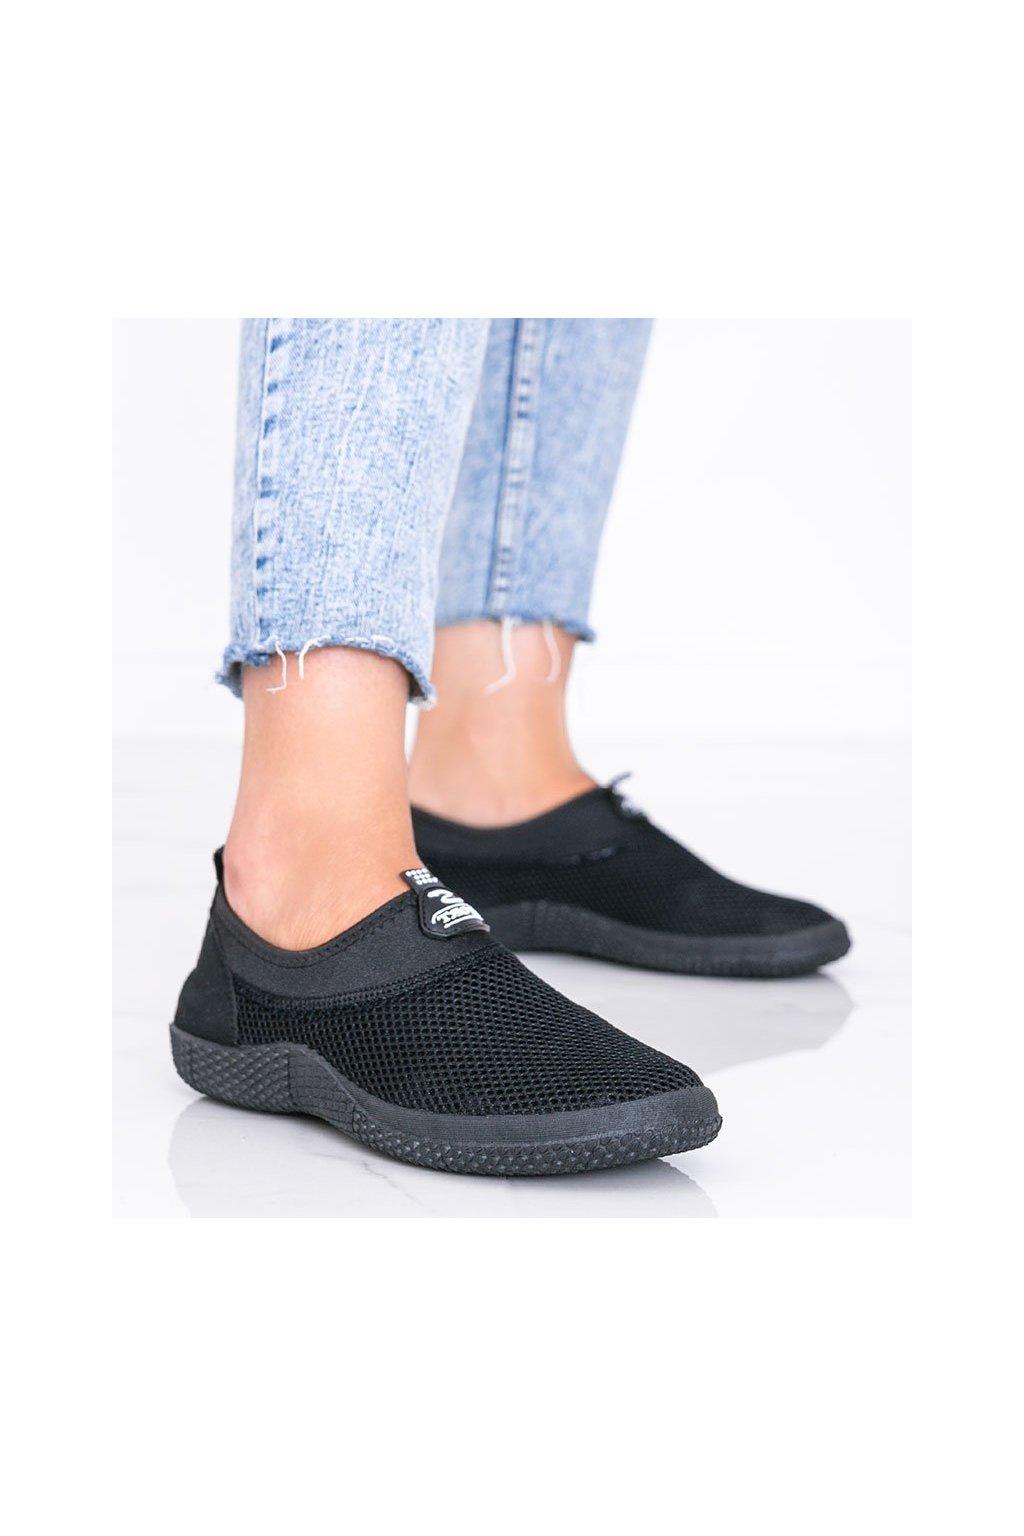 Dámske topánky tenisky čierne kód C9019 - GM